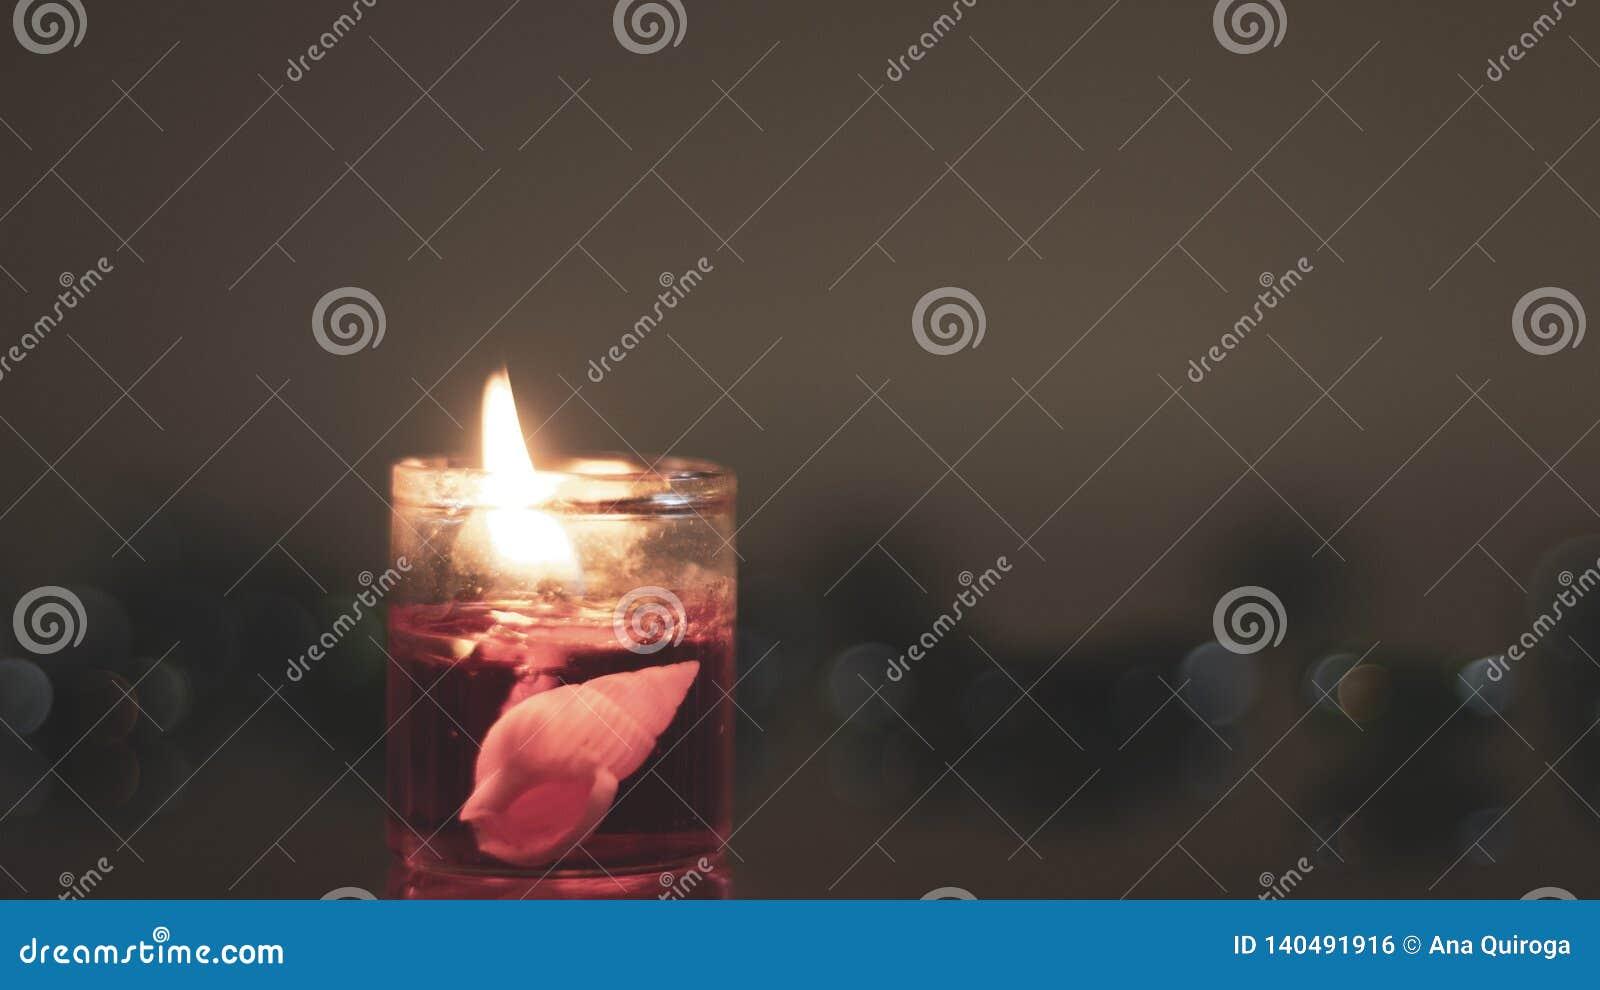 Marinegegenstände innerhalb einer Kerze Wärme und Zartheit in einer glühenden Verzierung